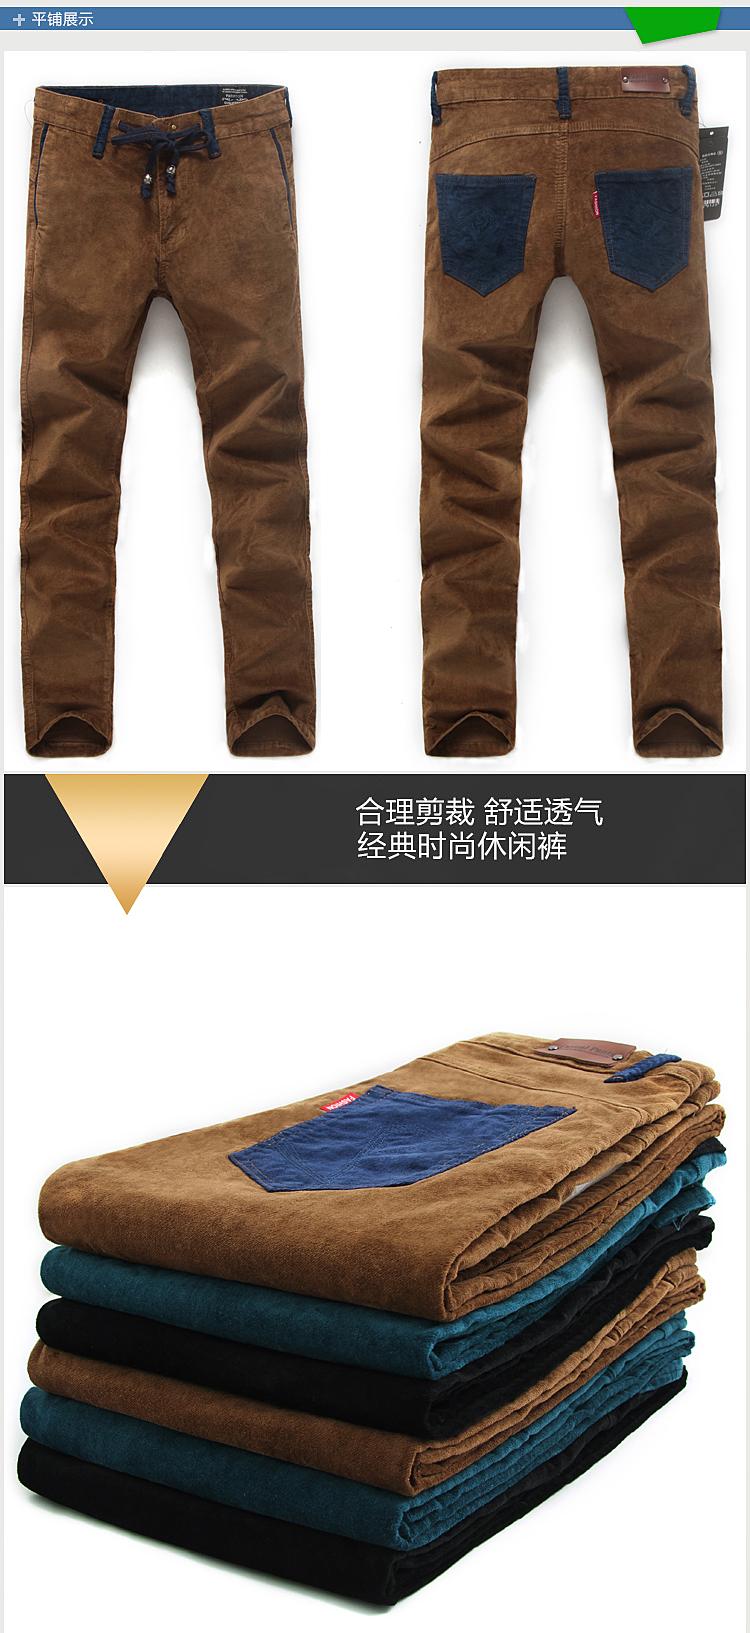 秋冬热销款 潮男休闲裤男 修身灯芯绒裤 男装批发图片七